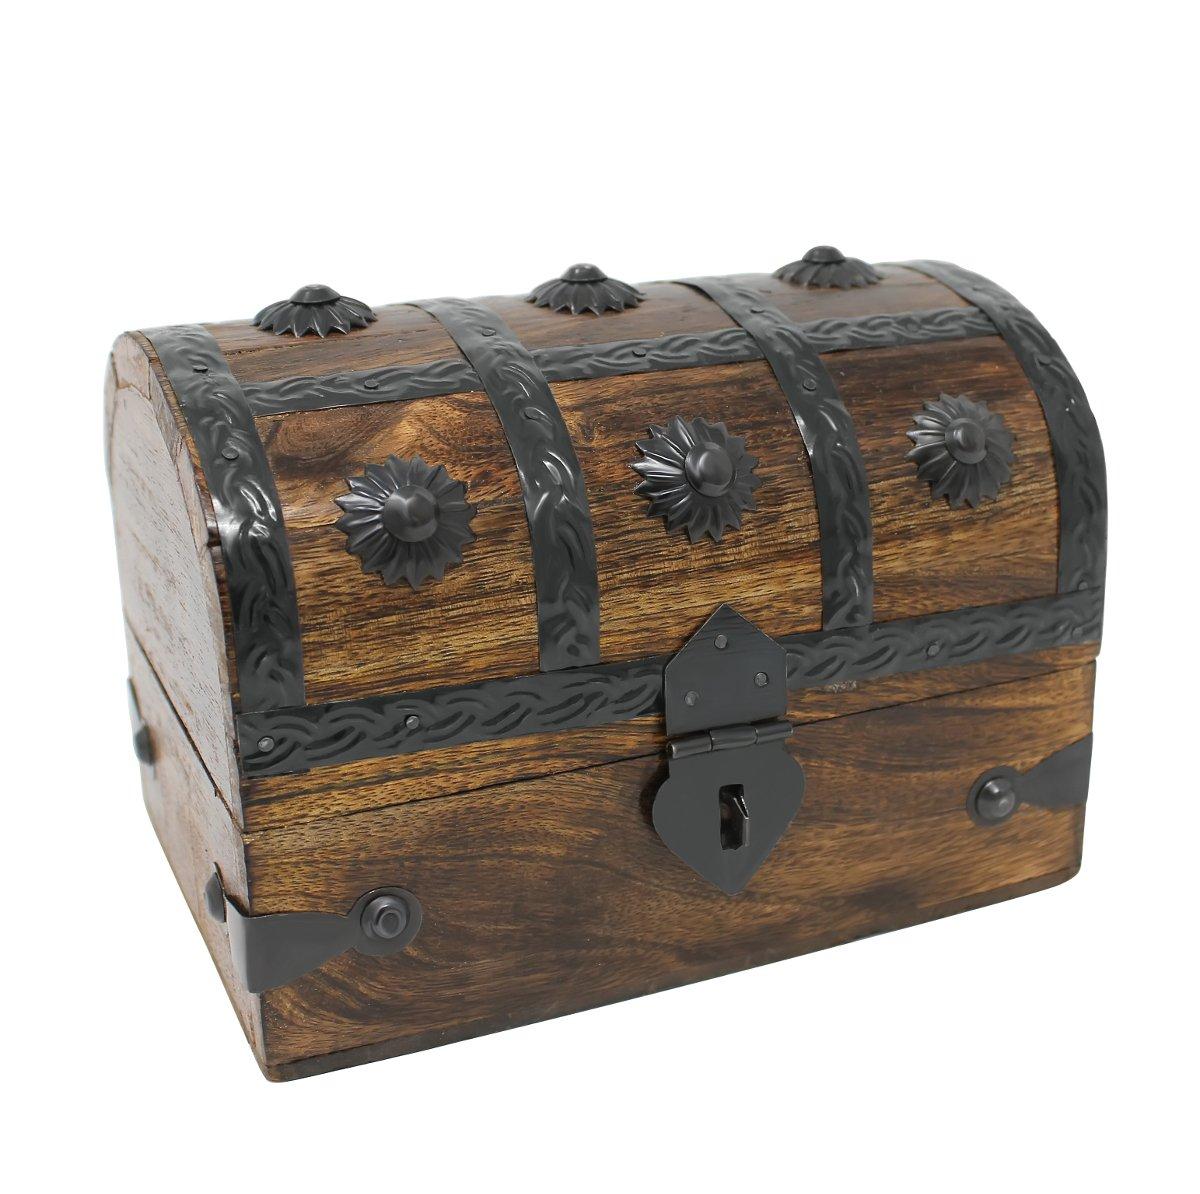 Nautical Cove Treasure Chest Keepsake and Jewelry Box Wood - Toy Treasure Box Large (6.5x4.5x5'')